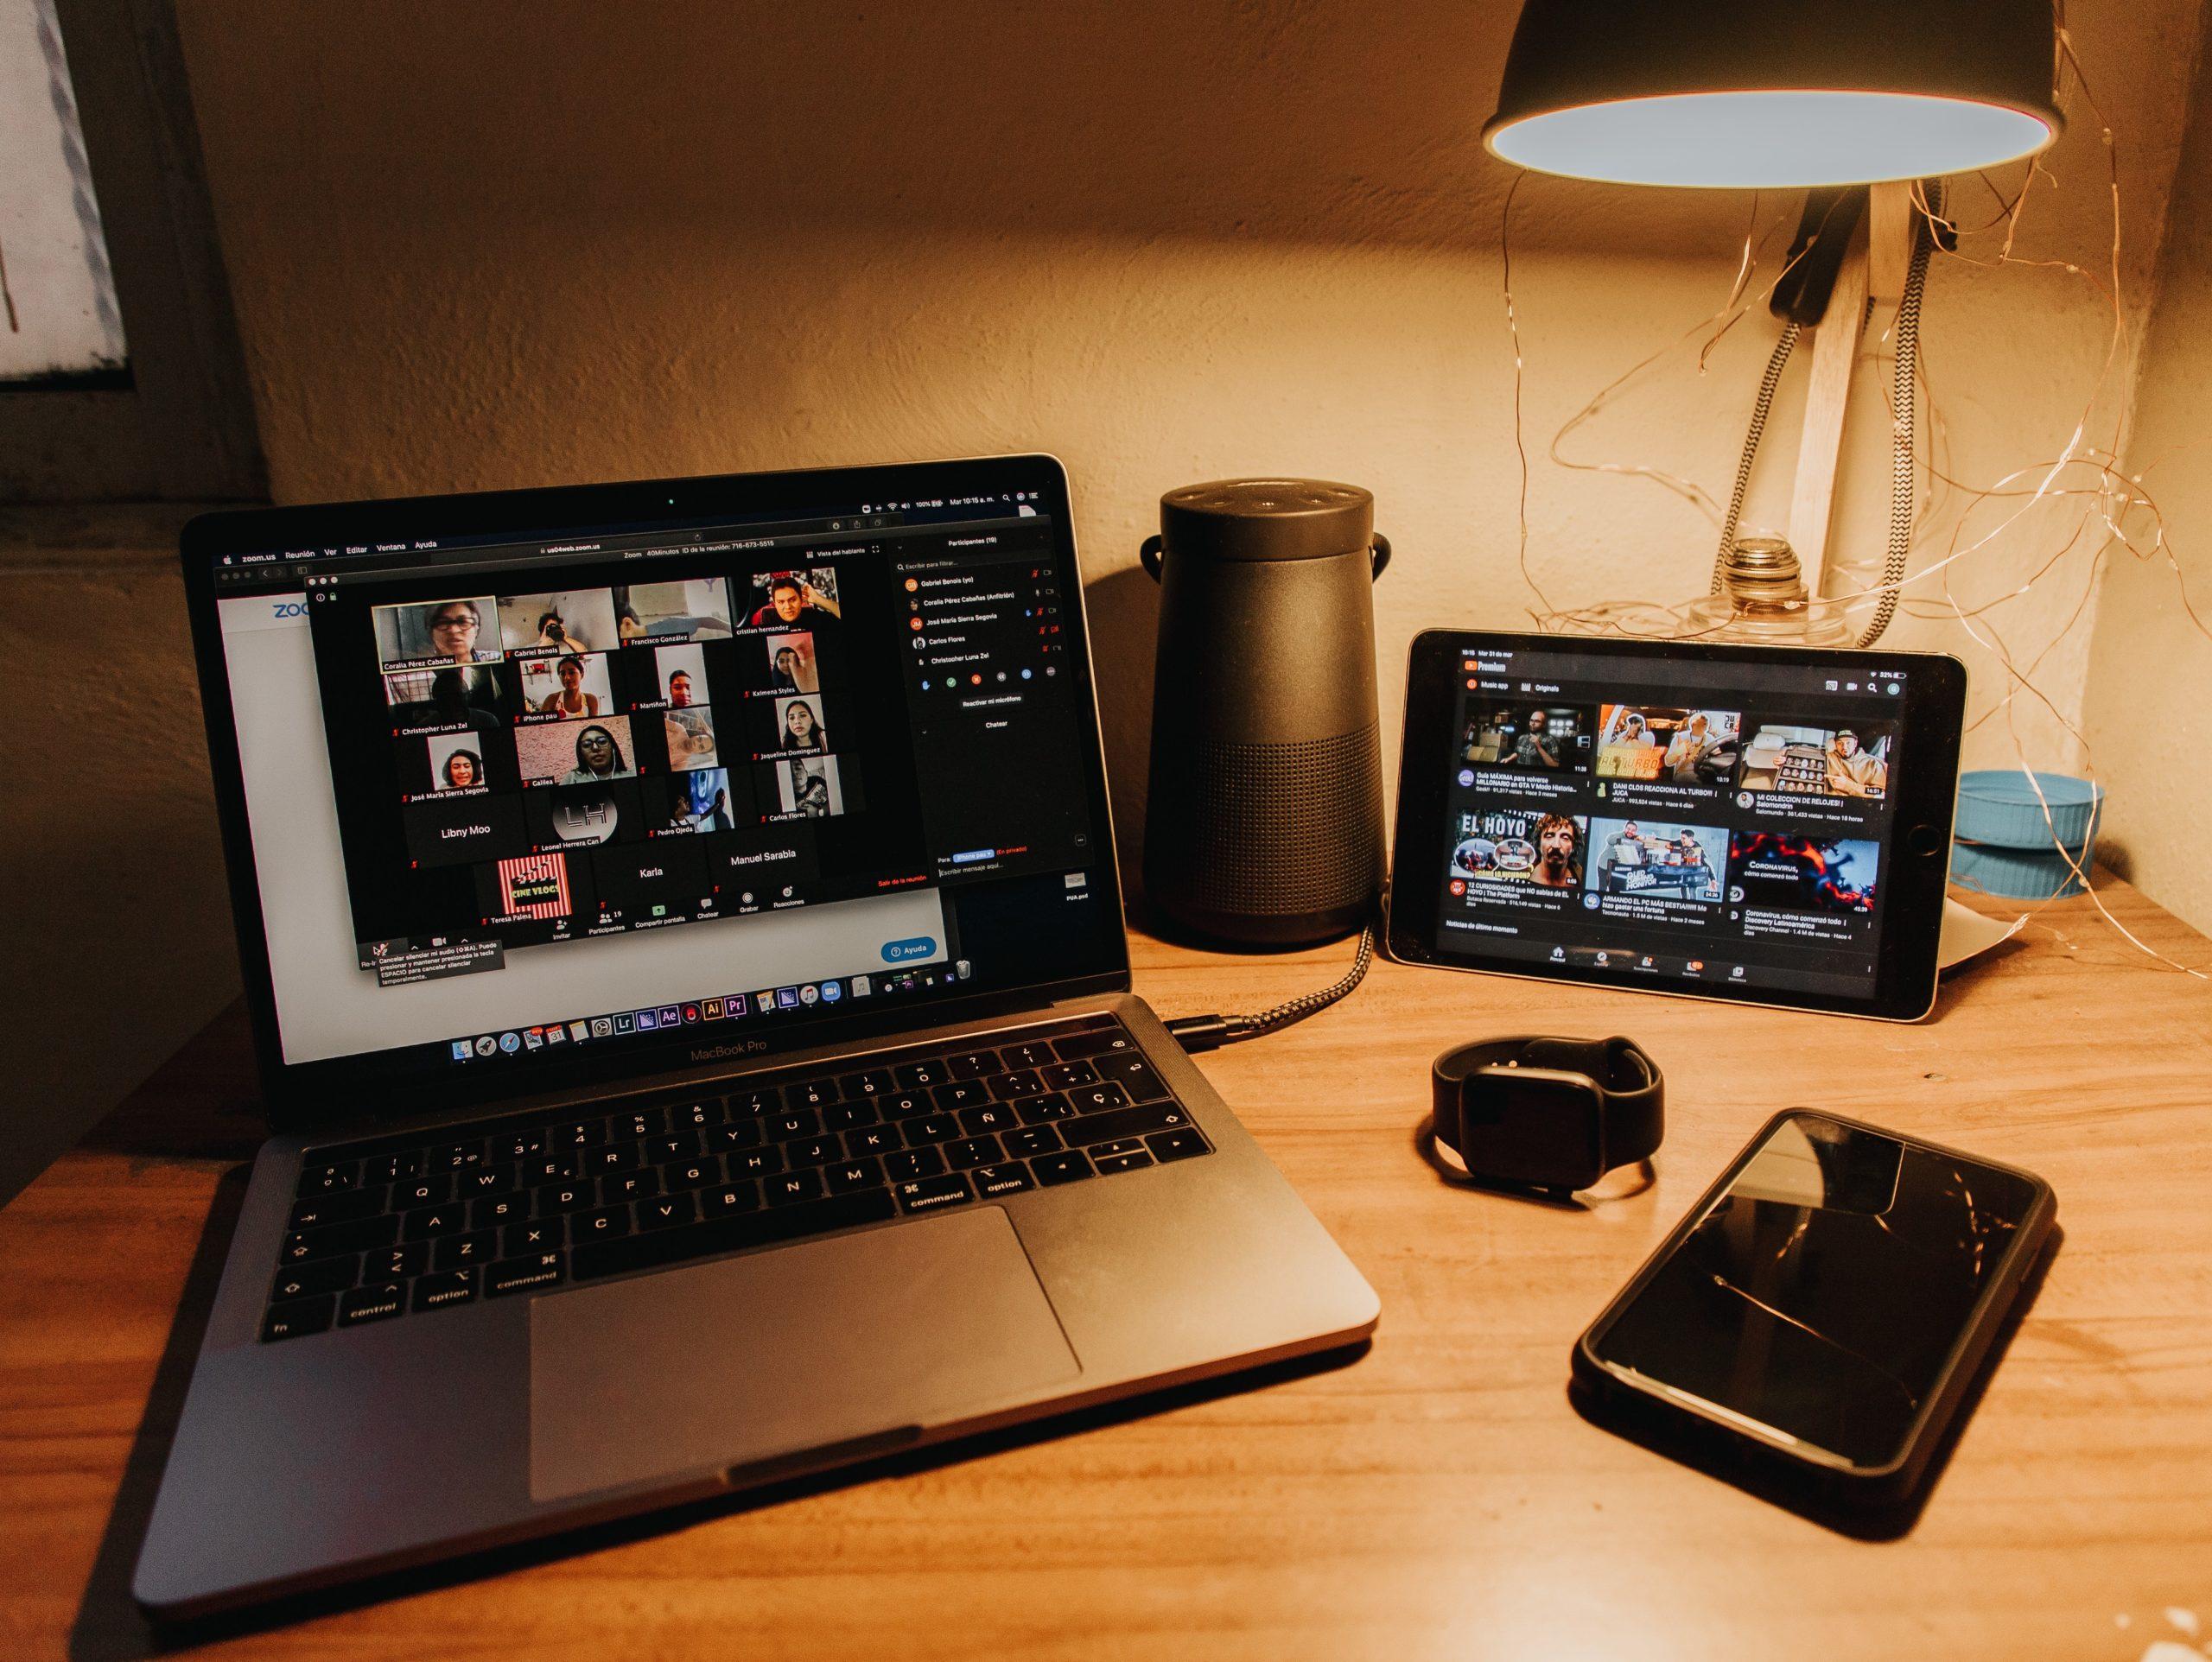 Teletrabajo: Aplicaciones de videoconferencia